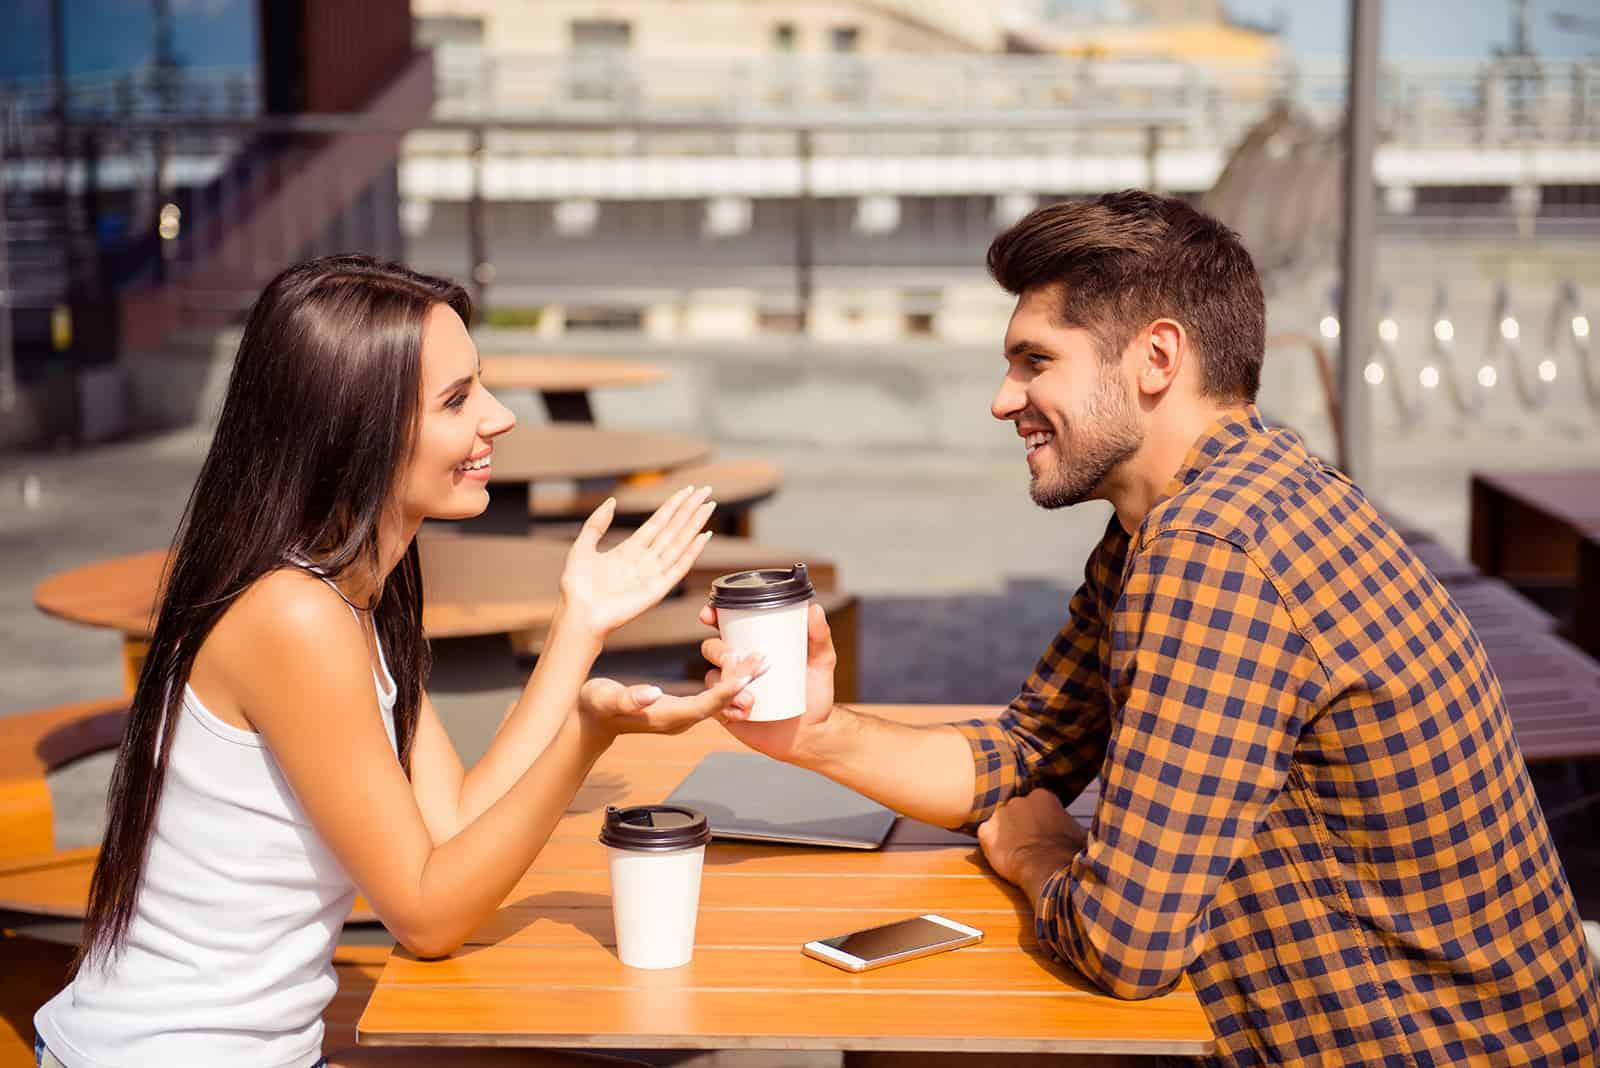 Ein Mann hört einer lächelnden Frau zu, die mit ihm spricht, während sie im Café sitzt